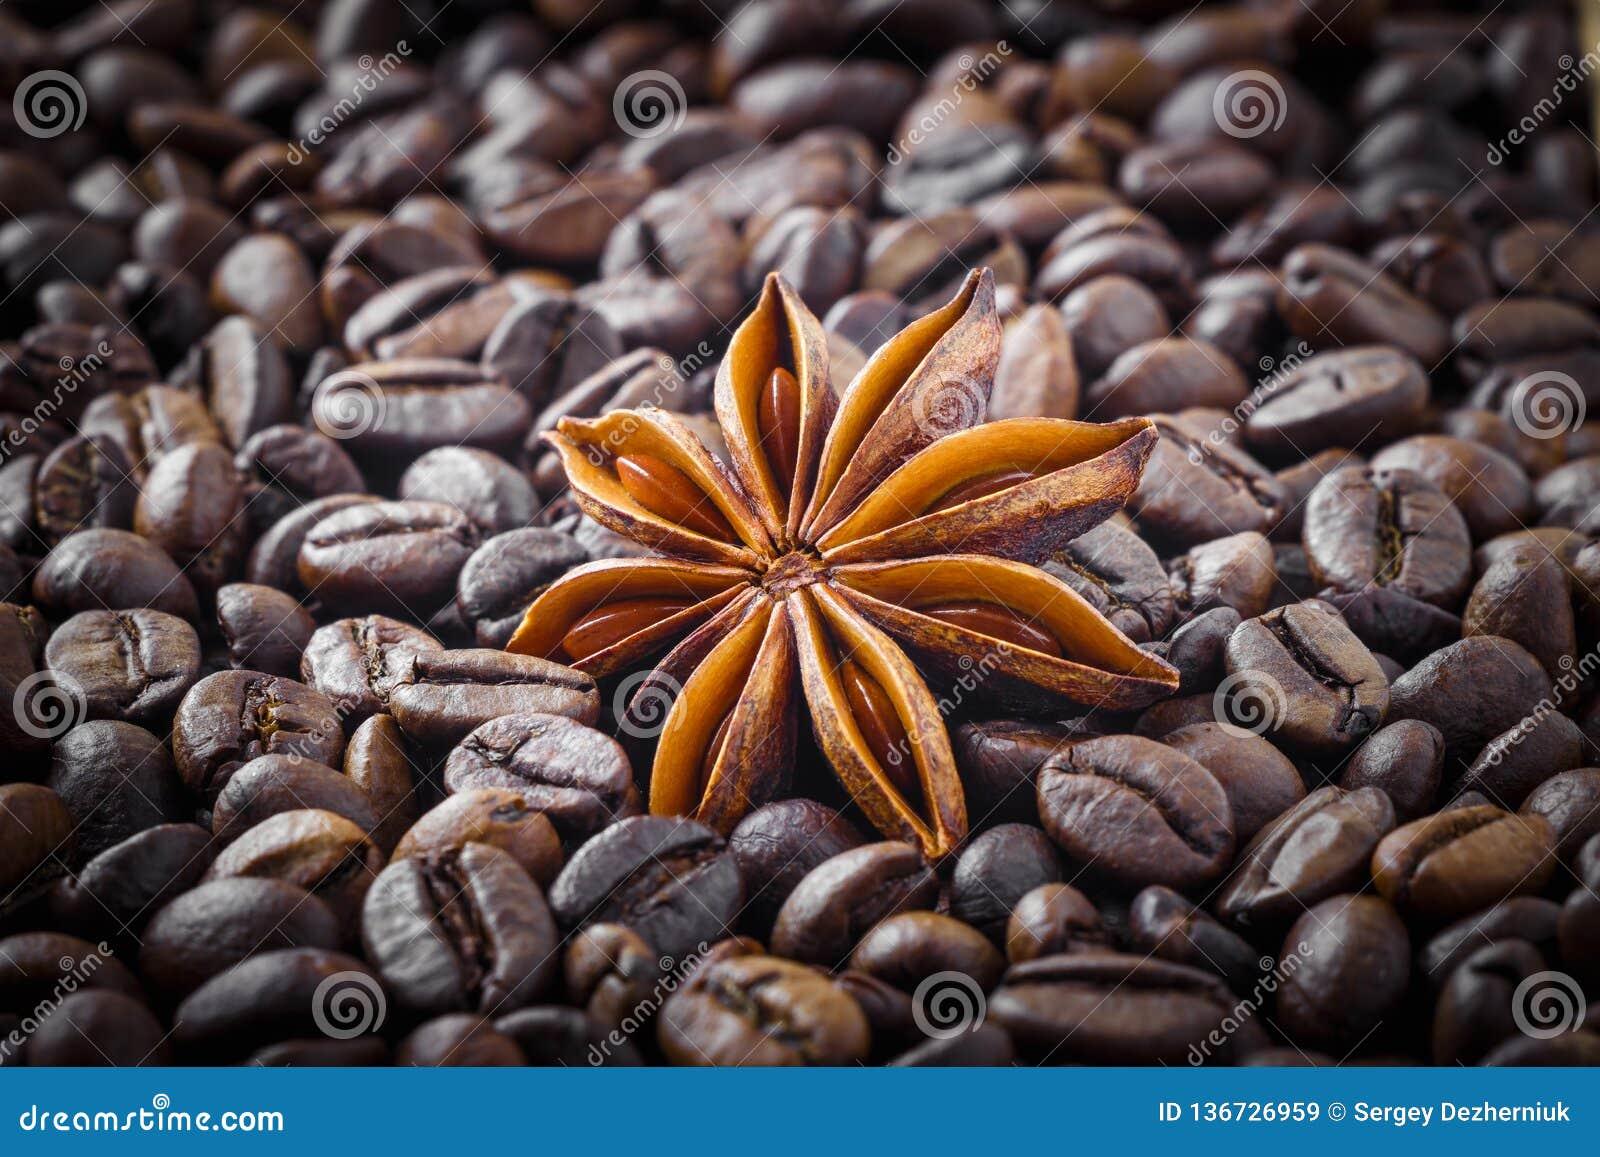 Анисовка звезды на предпосылке кофейных зерен